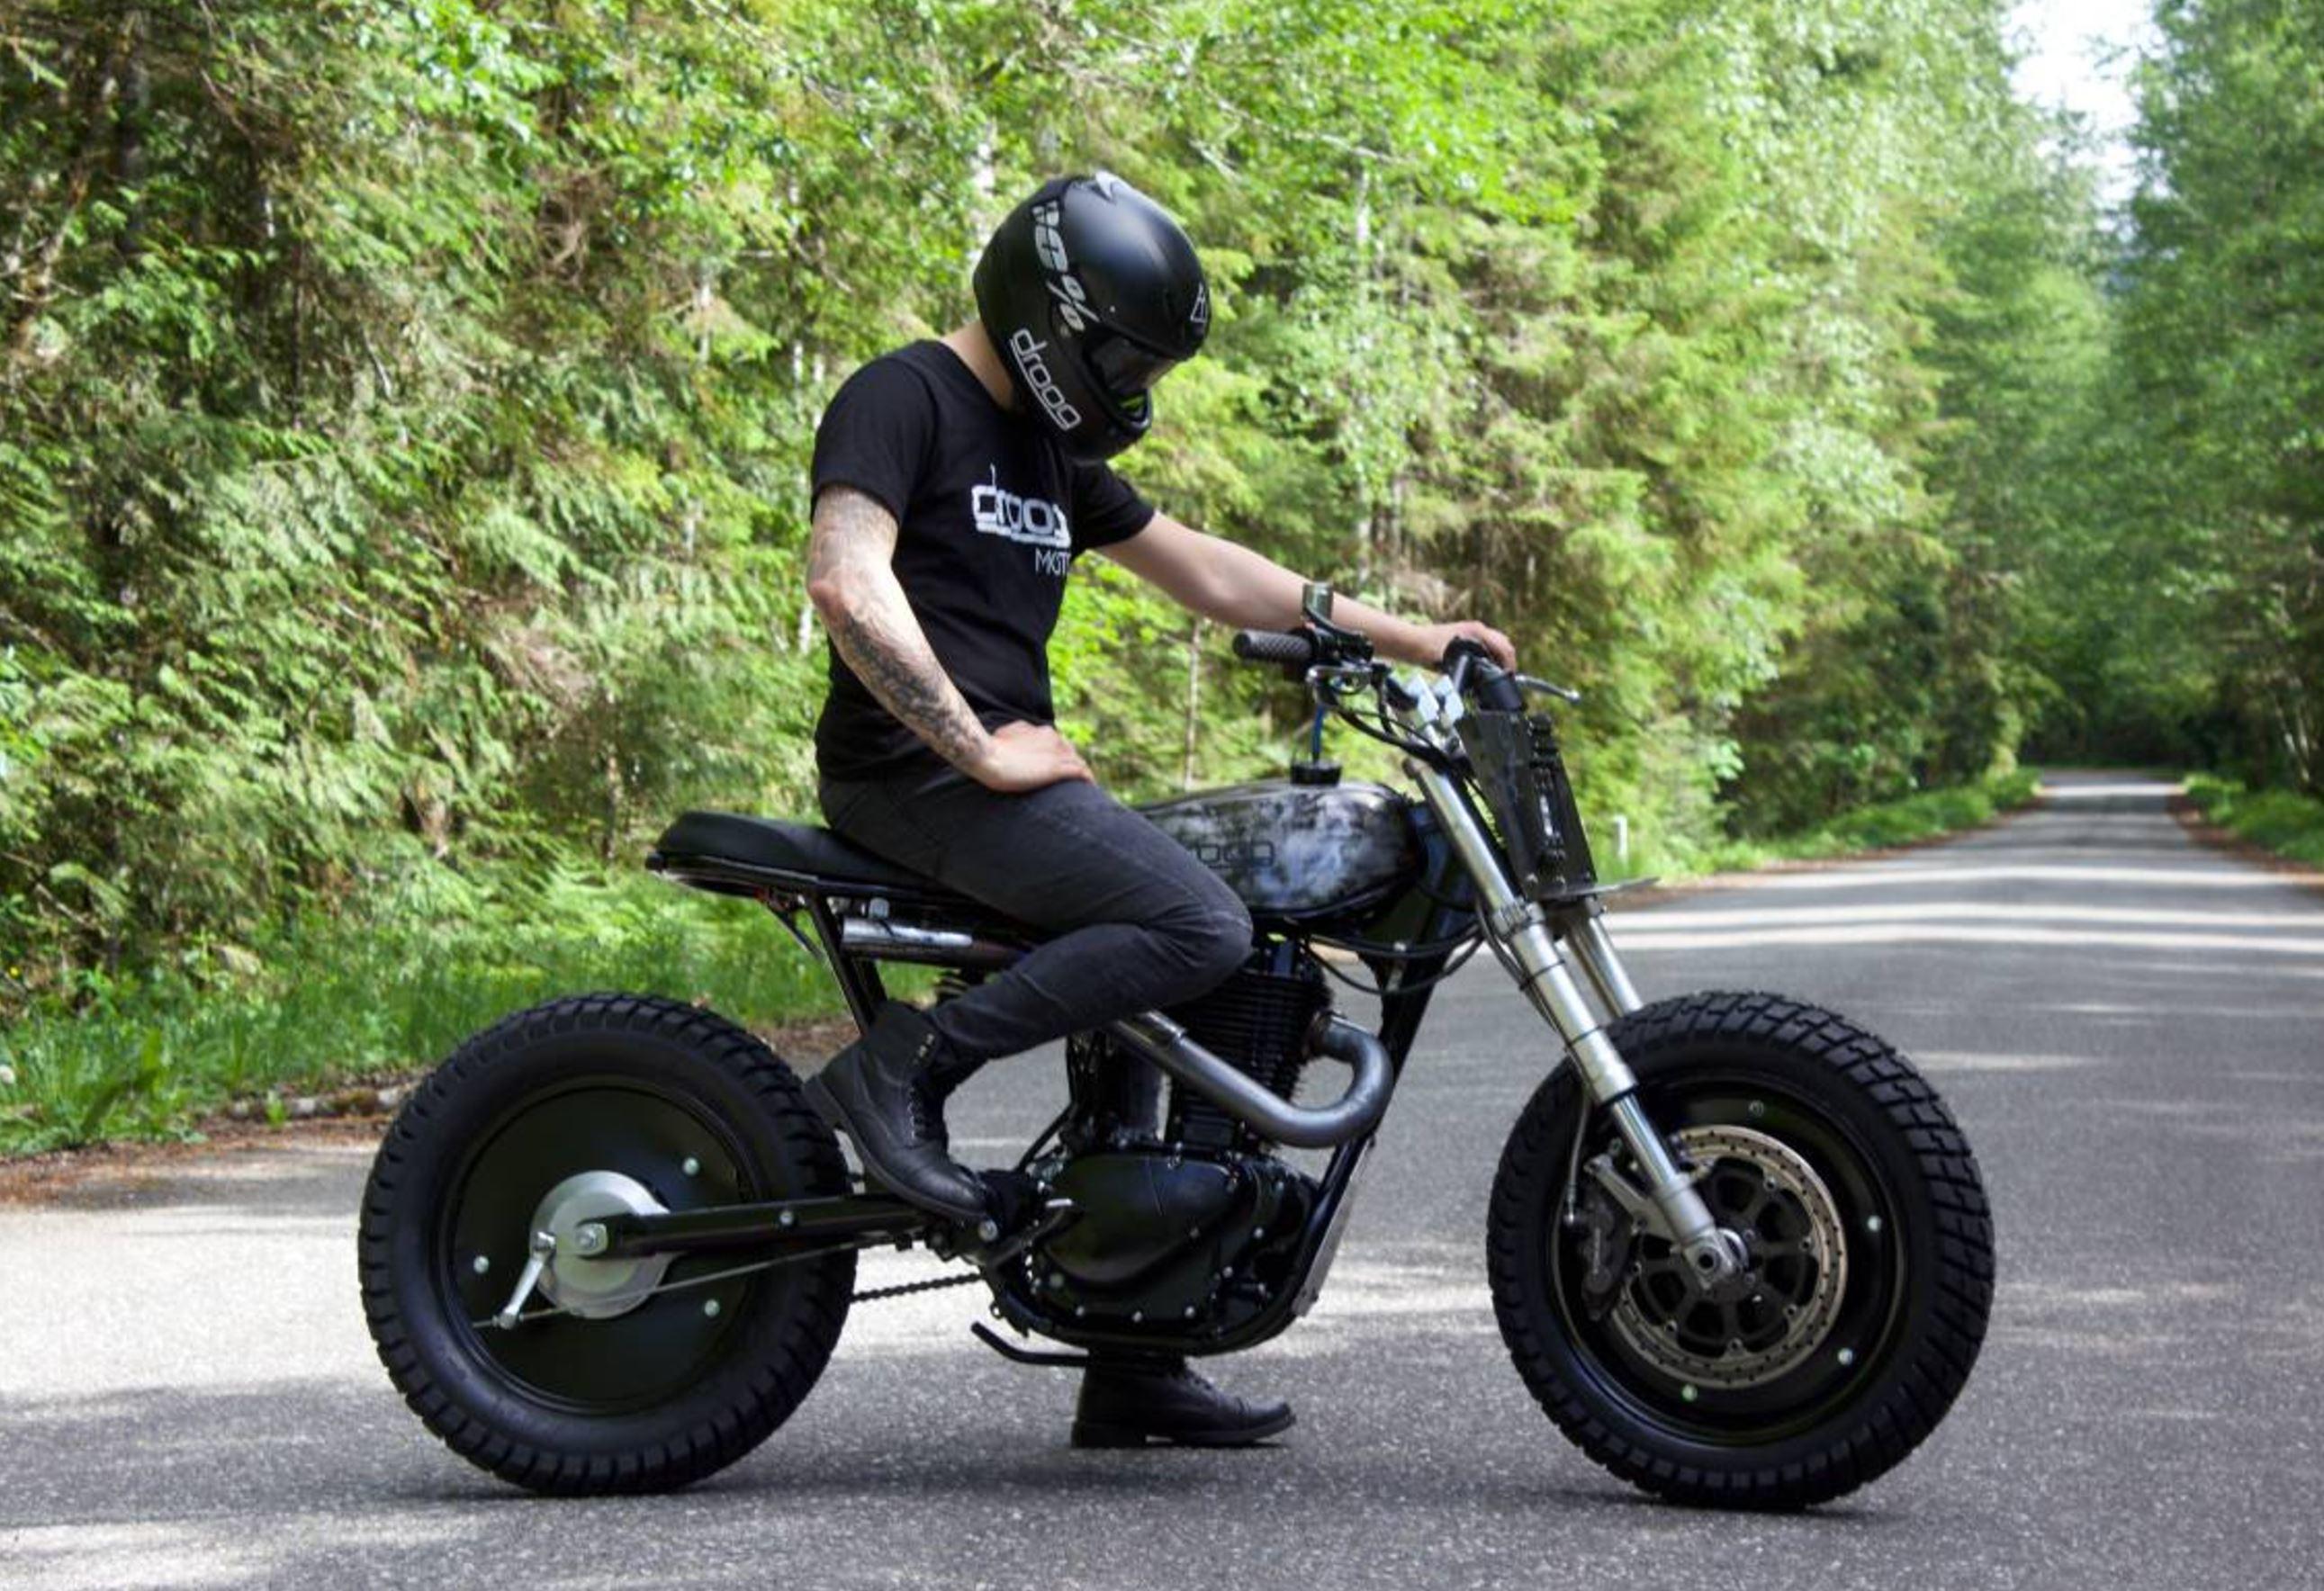 savage scrambler – 2000 suzuki ls650 custom | bike-urious